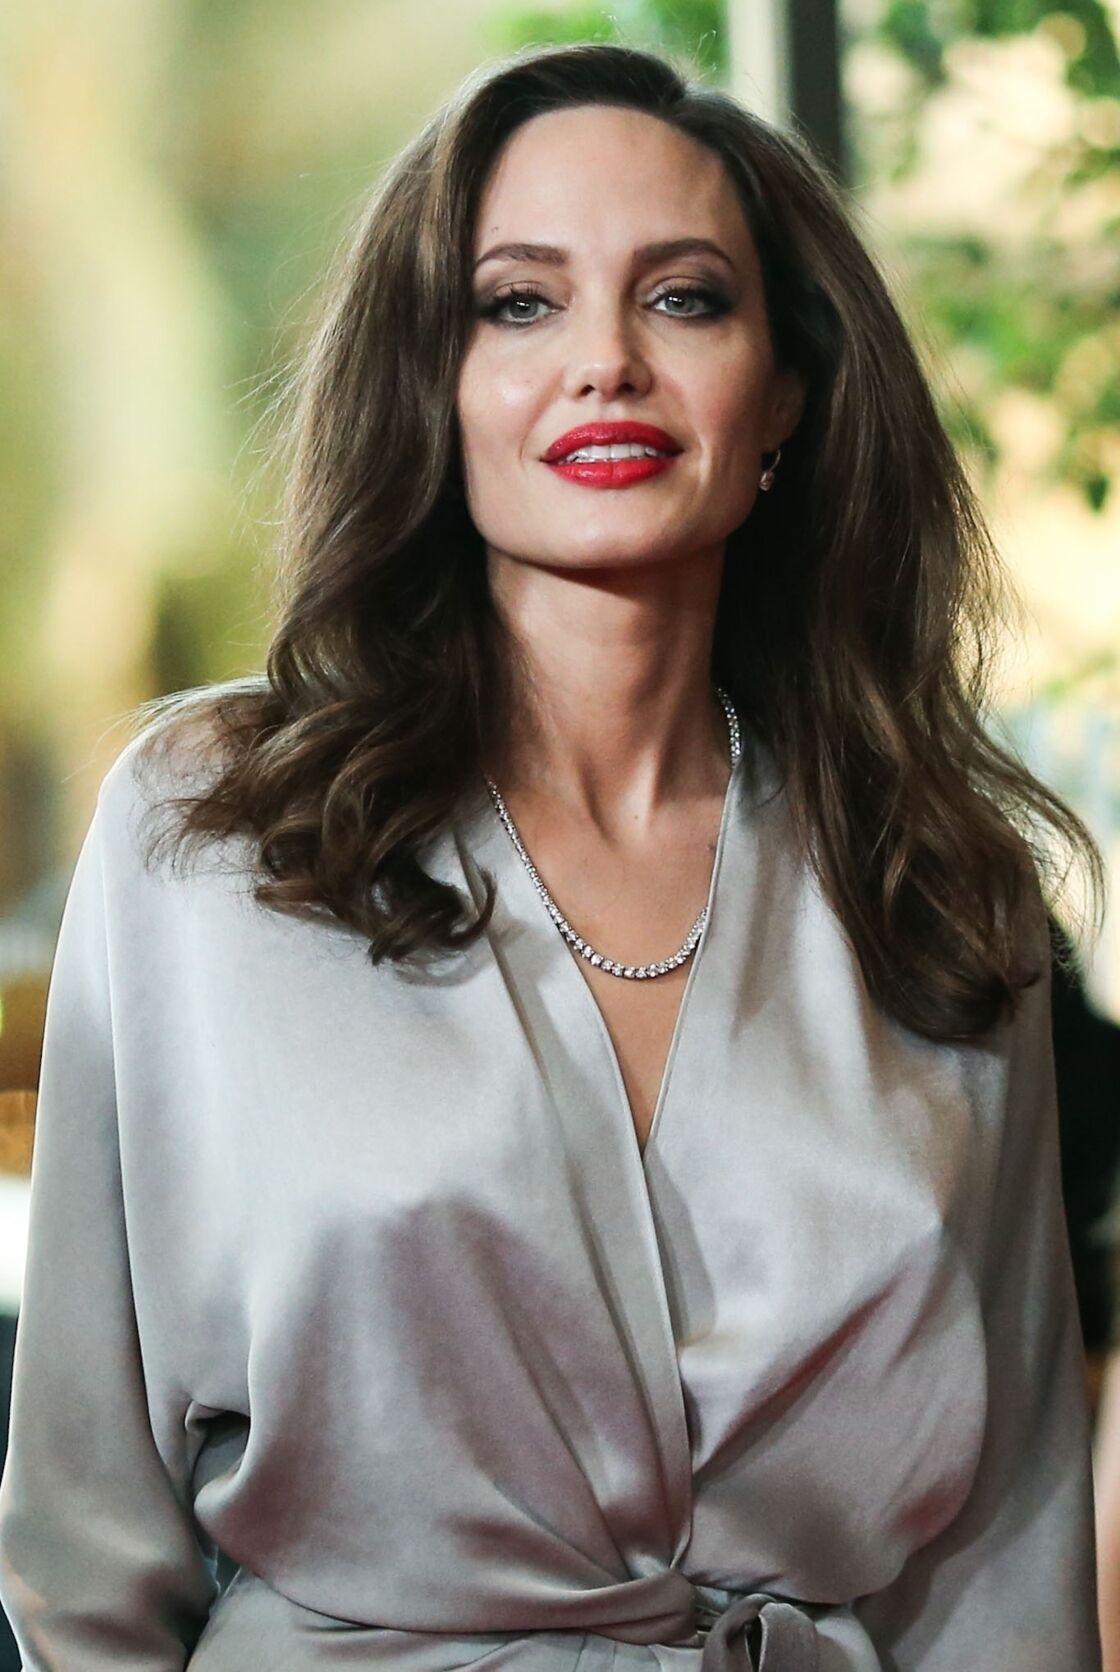 Angelina Jolie en 2017 : une des rares fois où elle porte du rouge sur les lèvres.